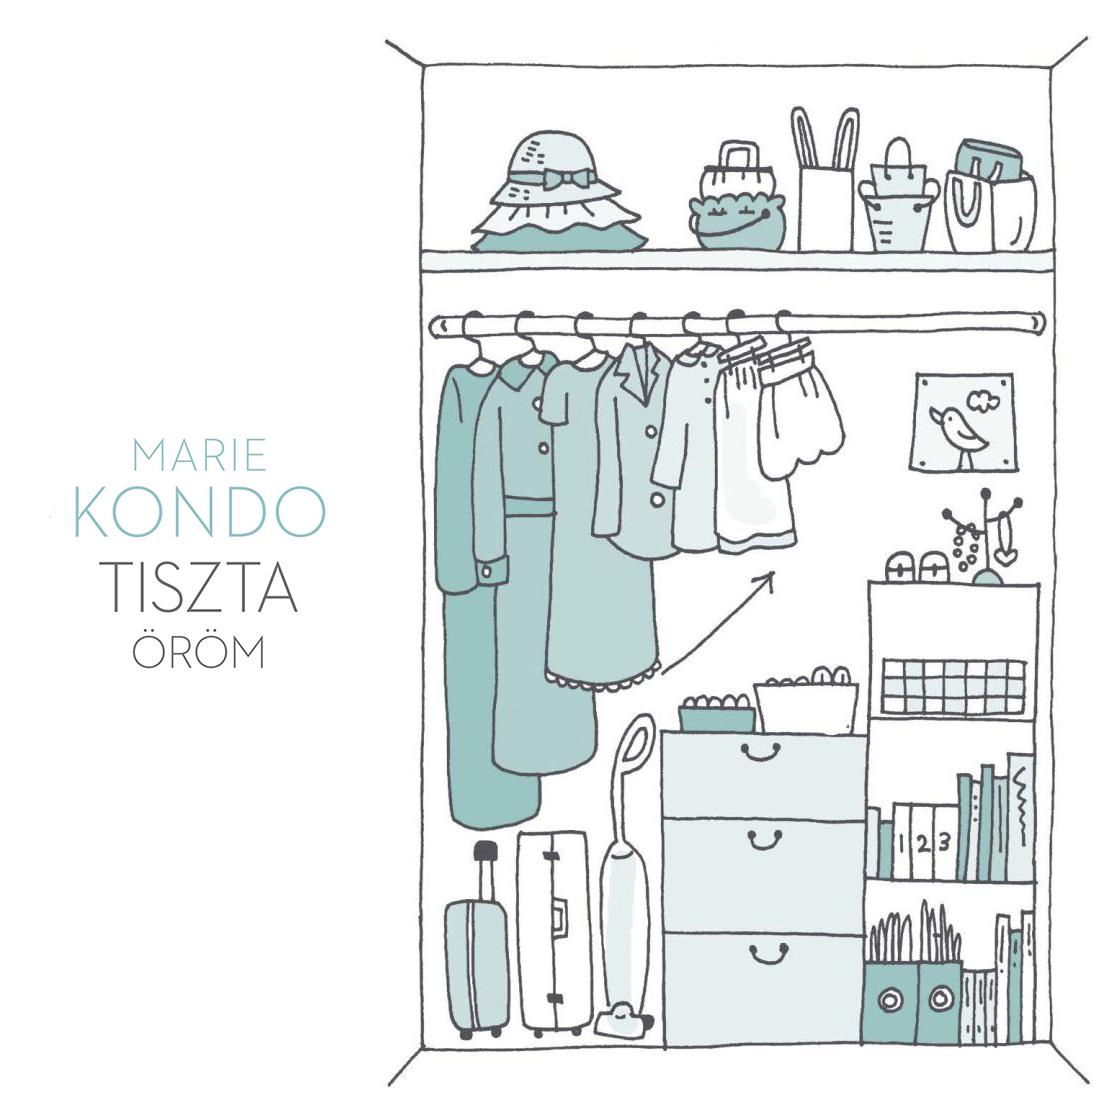 Könyvajánló: A rendteremtés művészete / Marie Kondo – Tiszta öröm